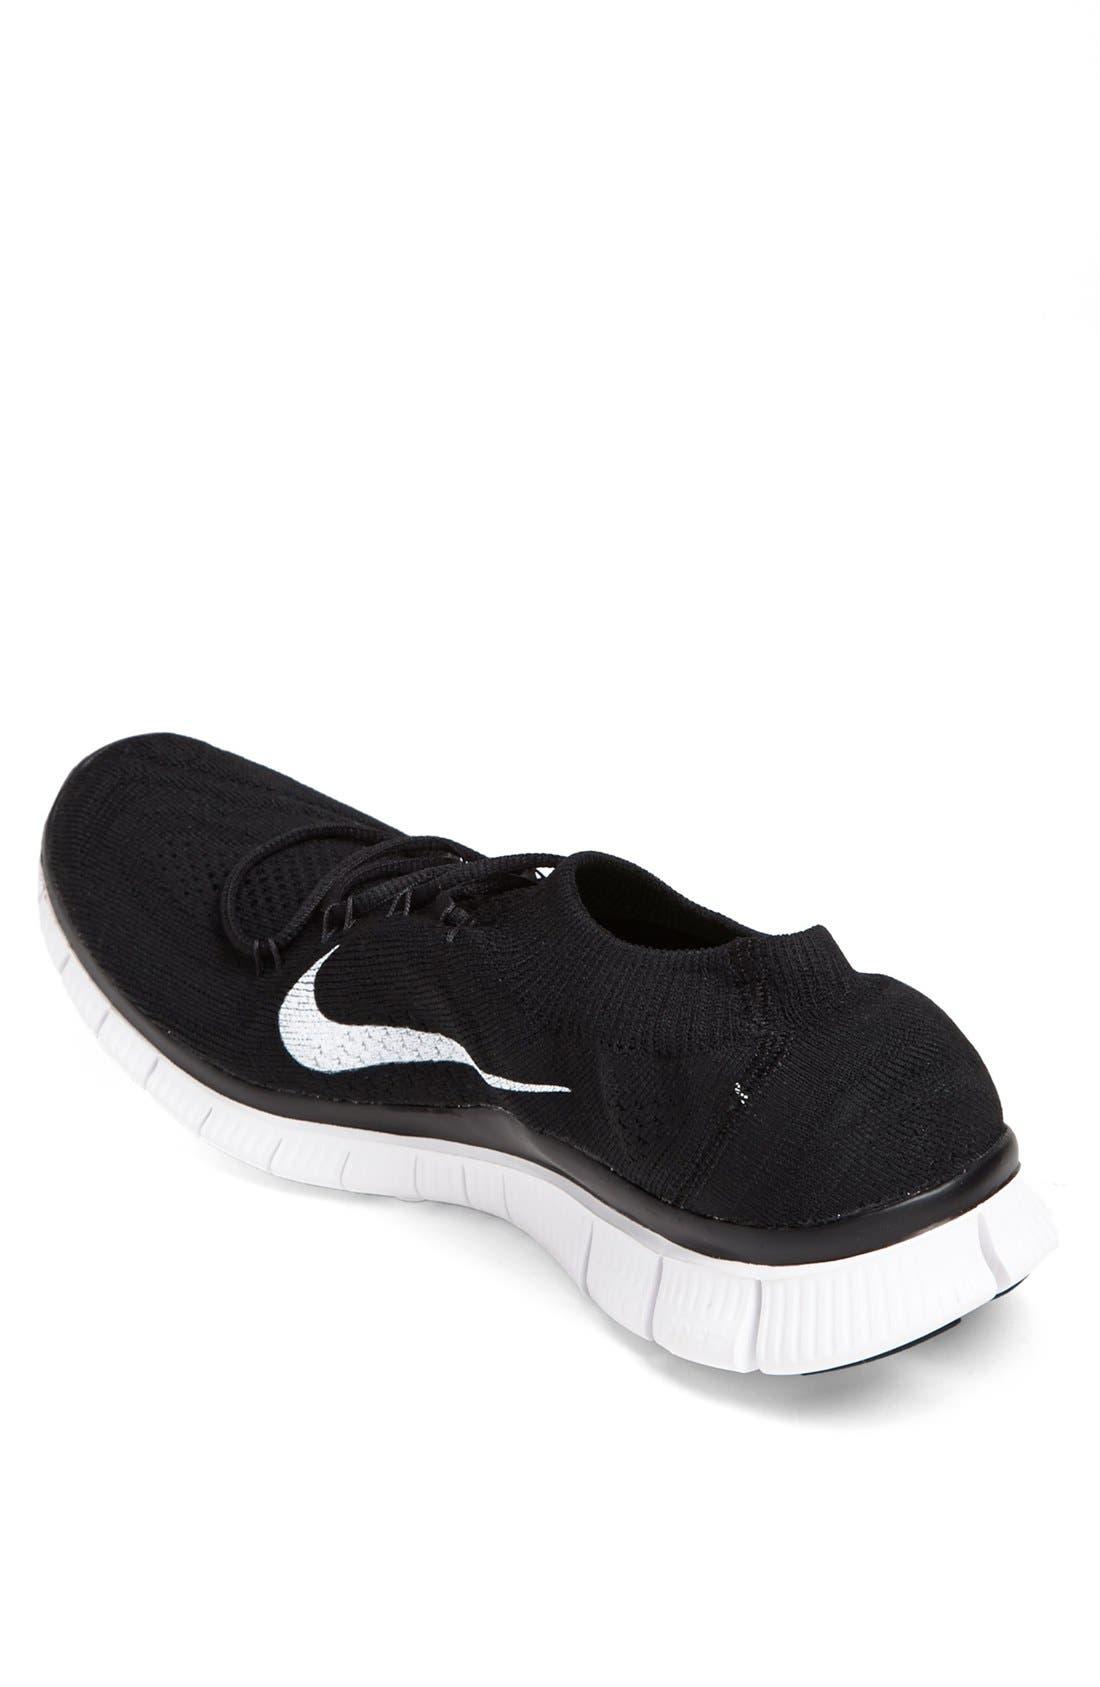 Alternate Image 2  - Nike 'Free Flyknit+' Running Shoe (Men)